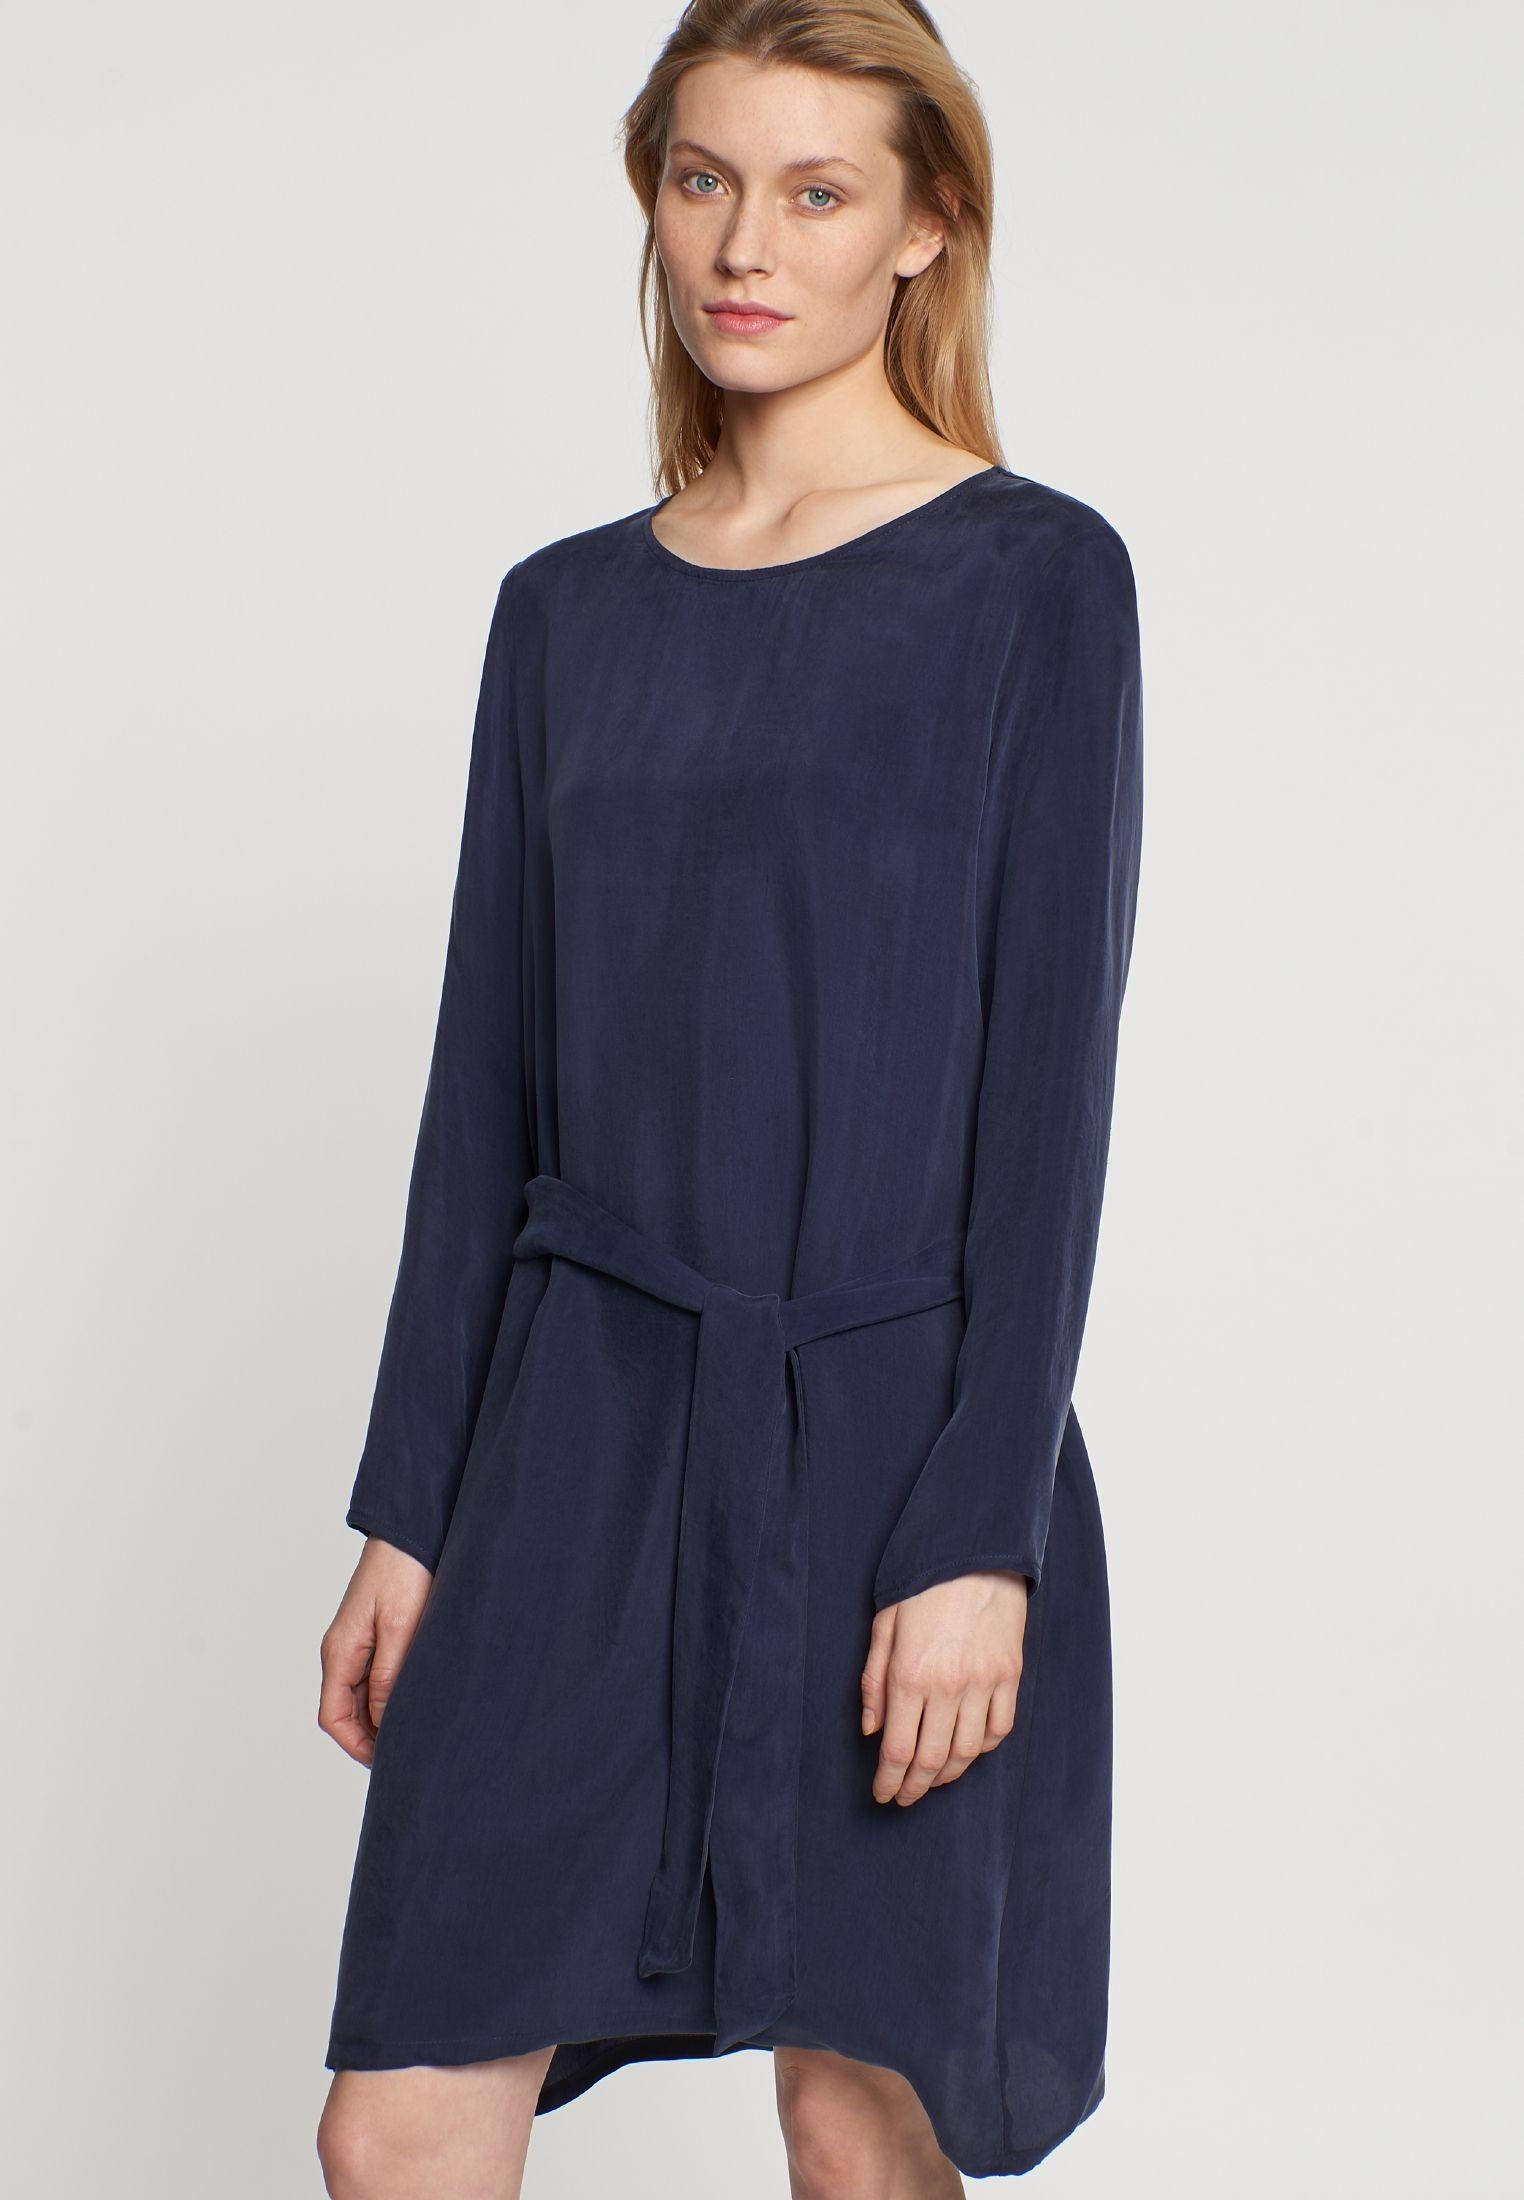 Midi Kleid Aus Rayonmischung  Kleider Seide Und